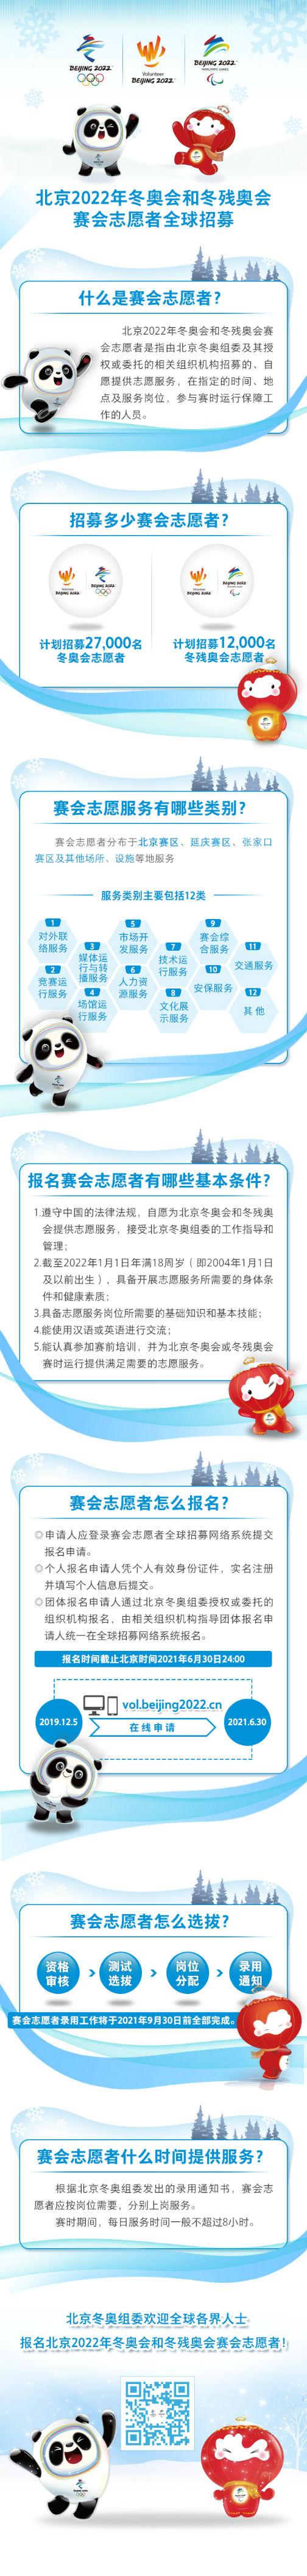 04-志愿者招募长图